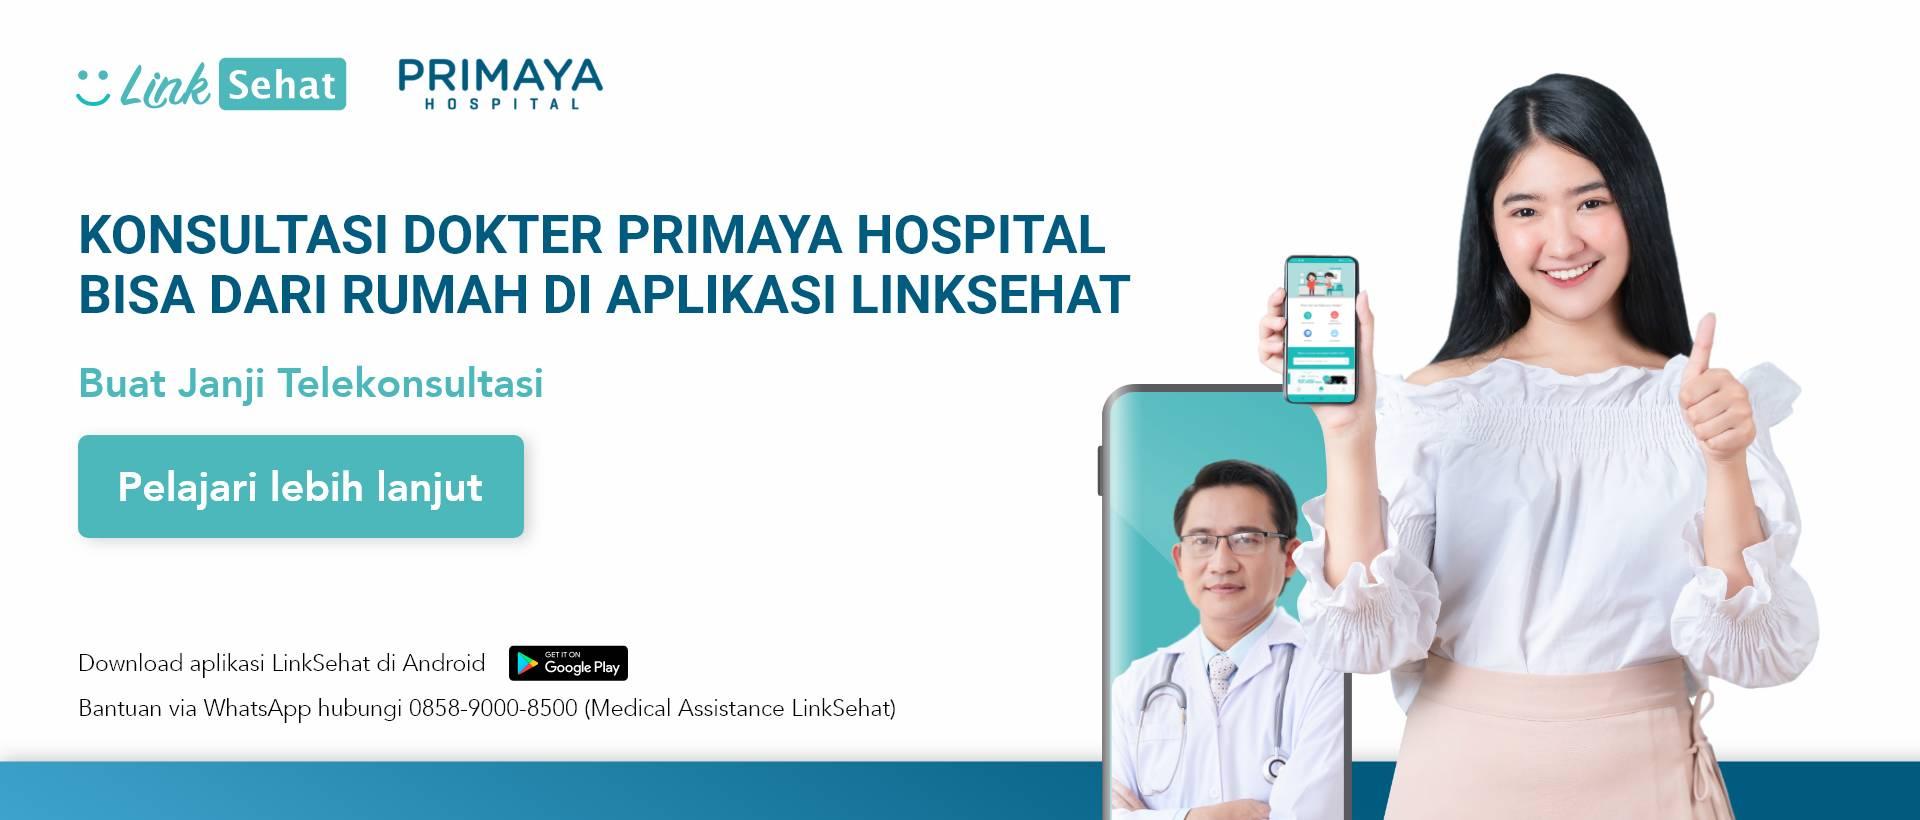 konsultasi dokter online melalui linksehat